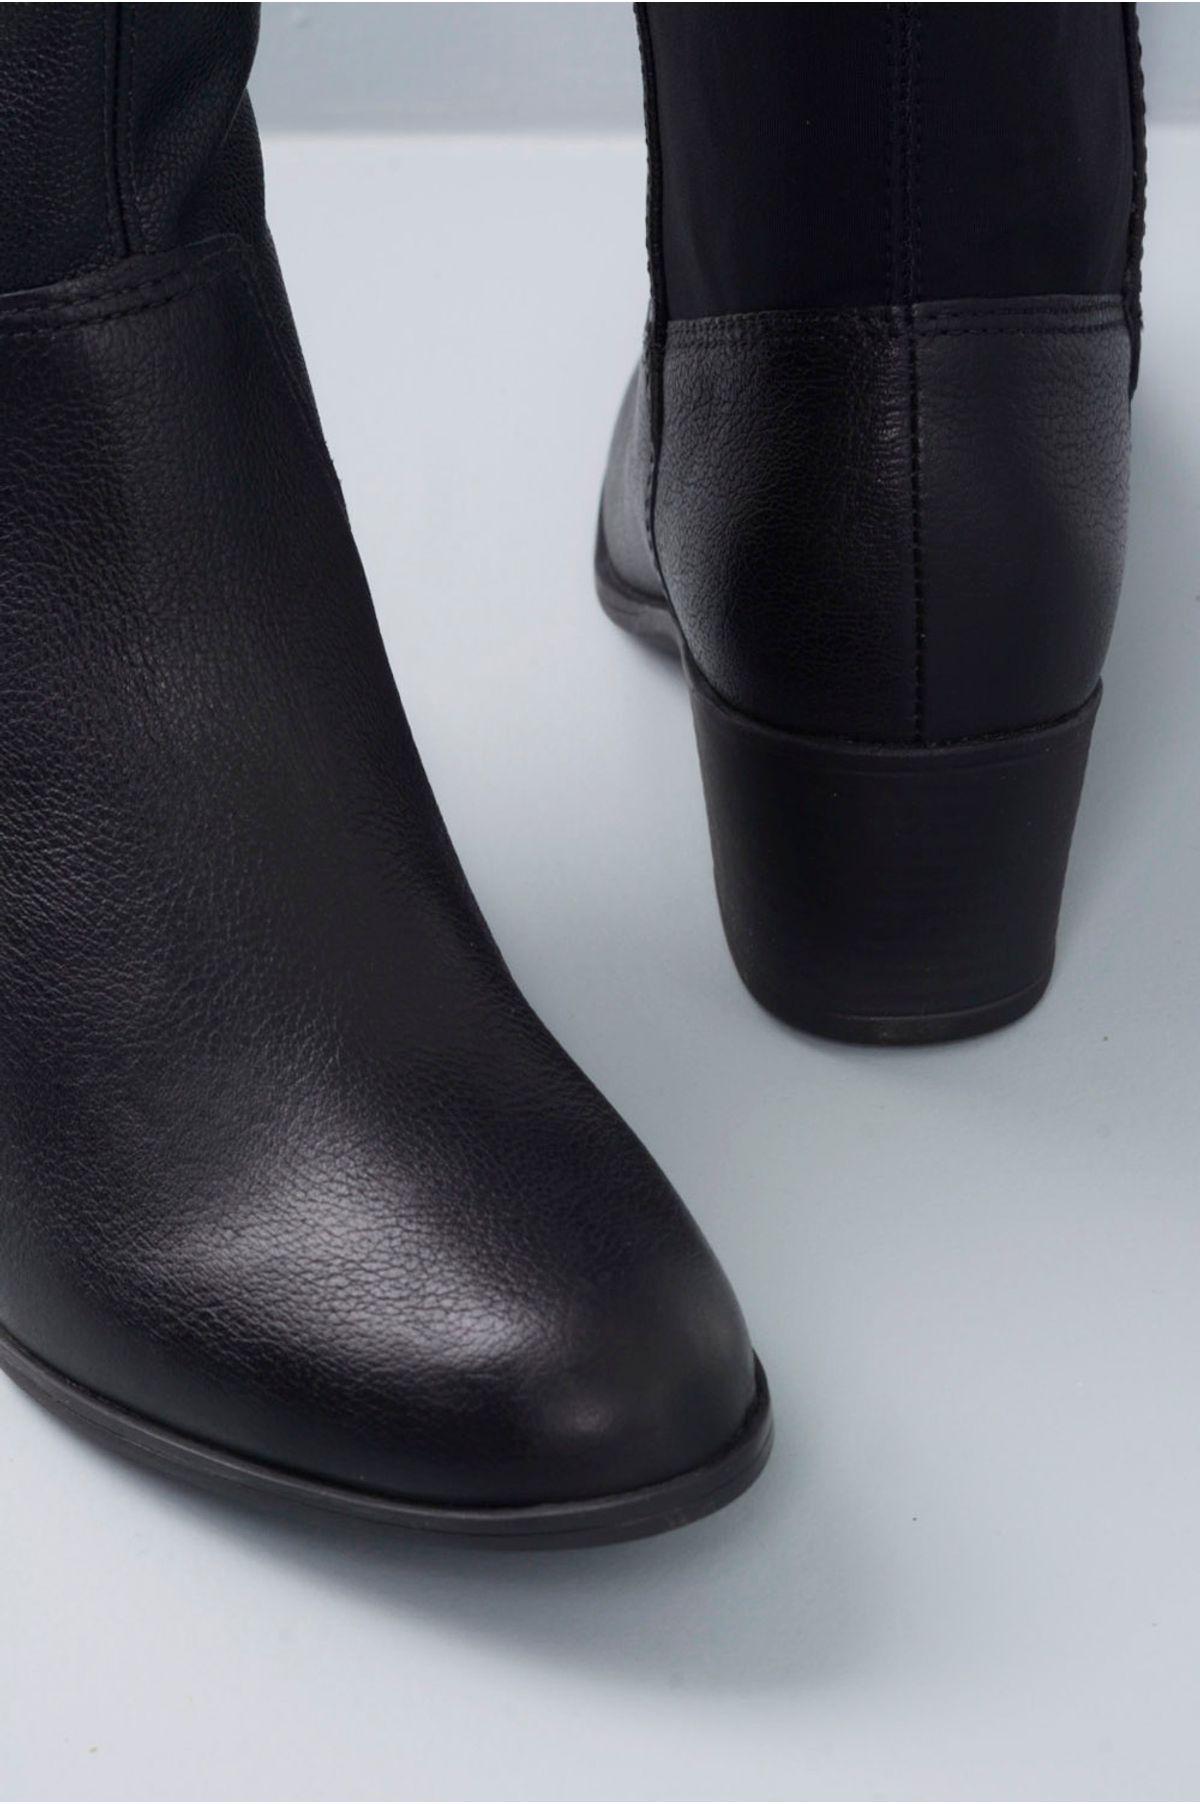 Bota Feminina Regiane Bottero CR-PRETO - Mundial Calçados 94b8e1c7ba